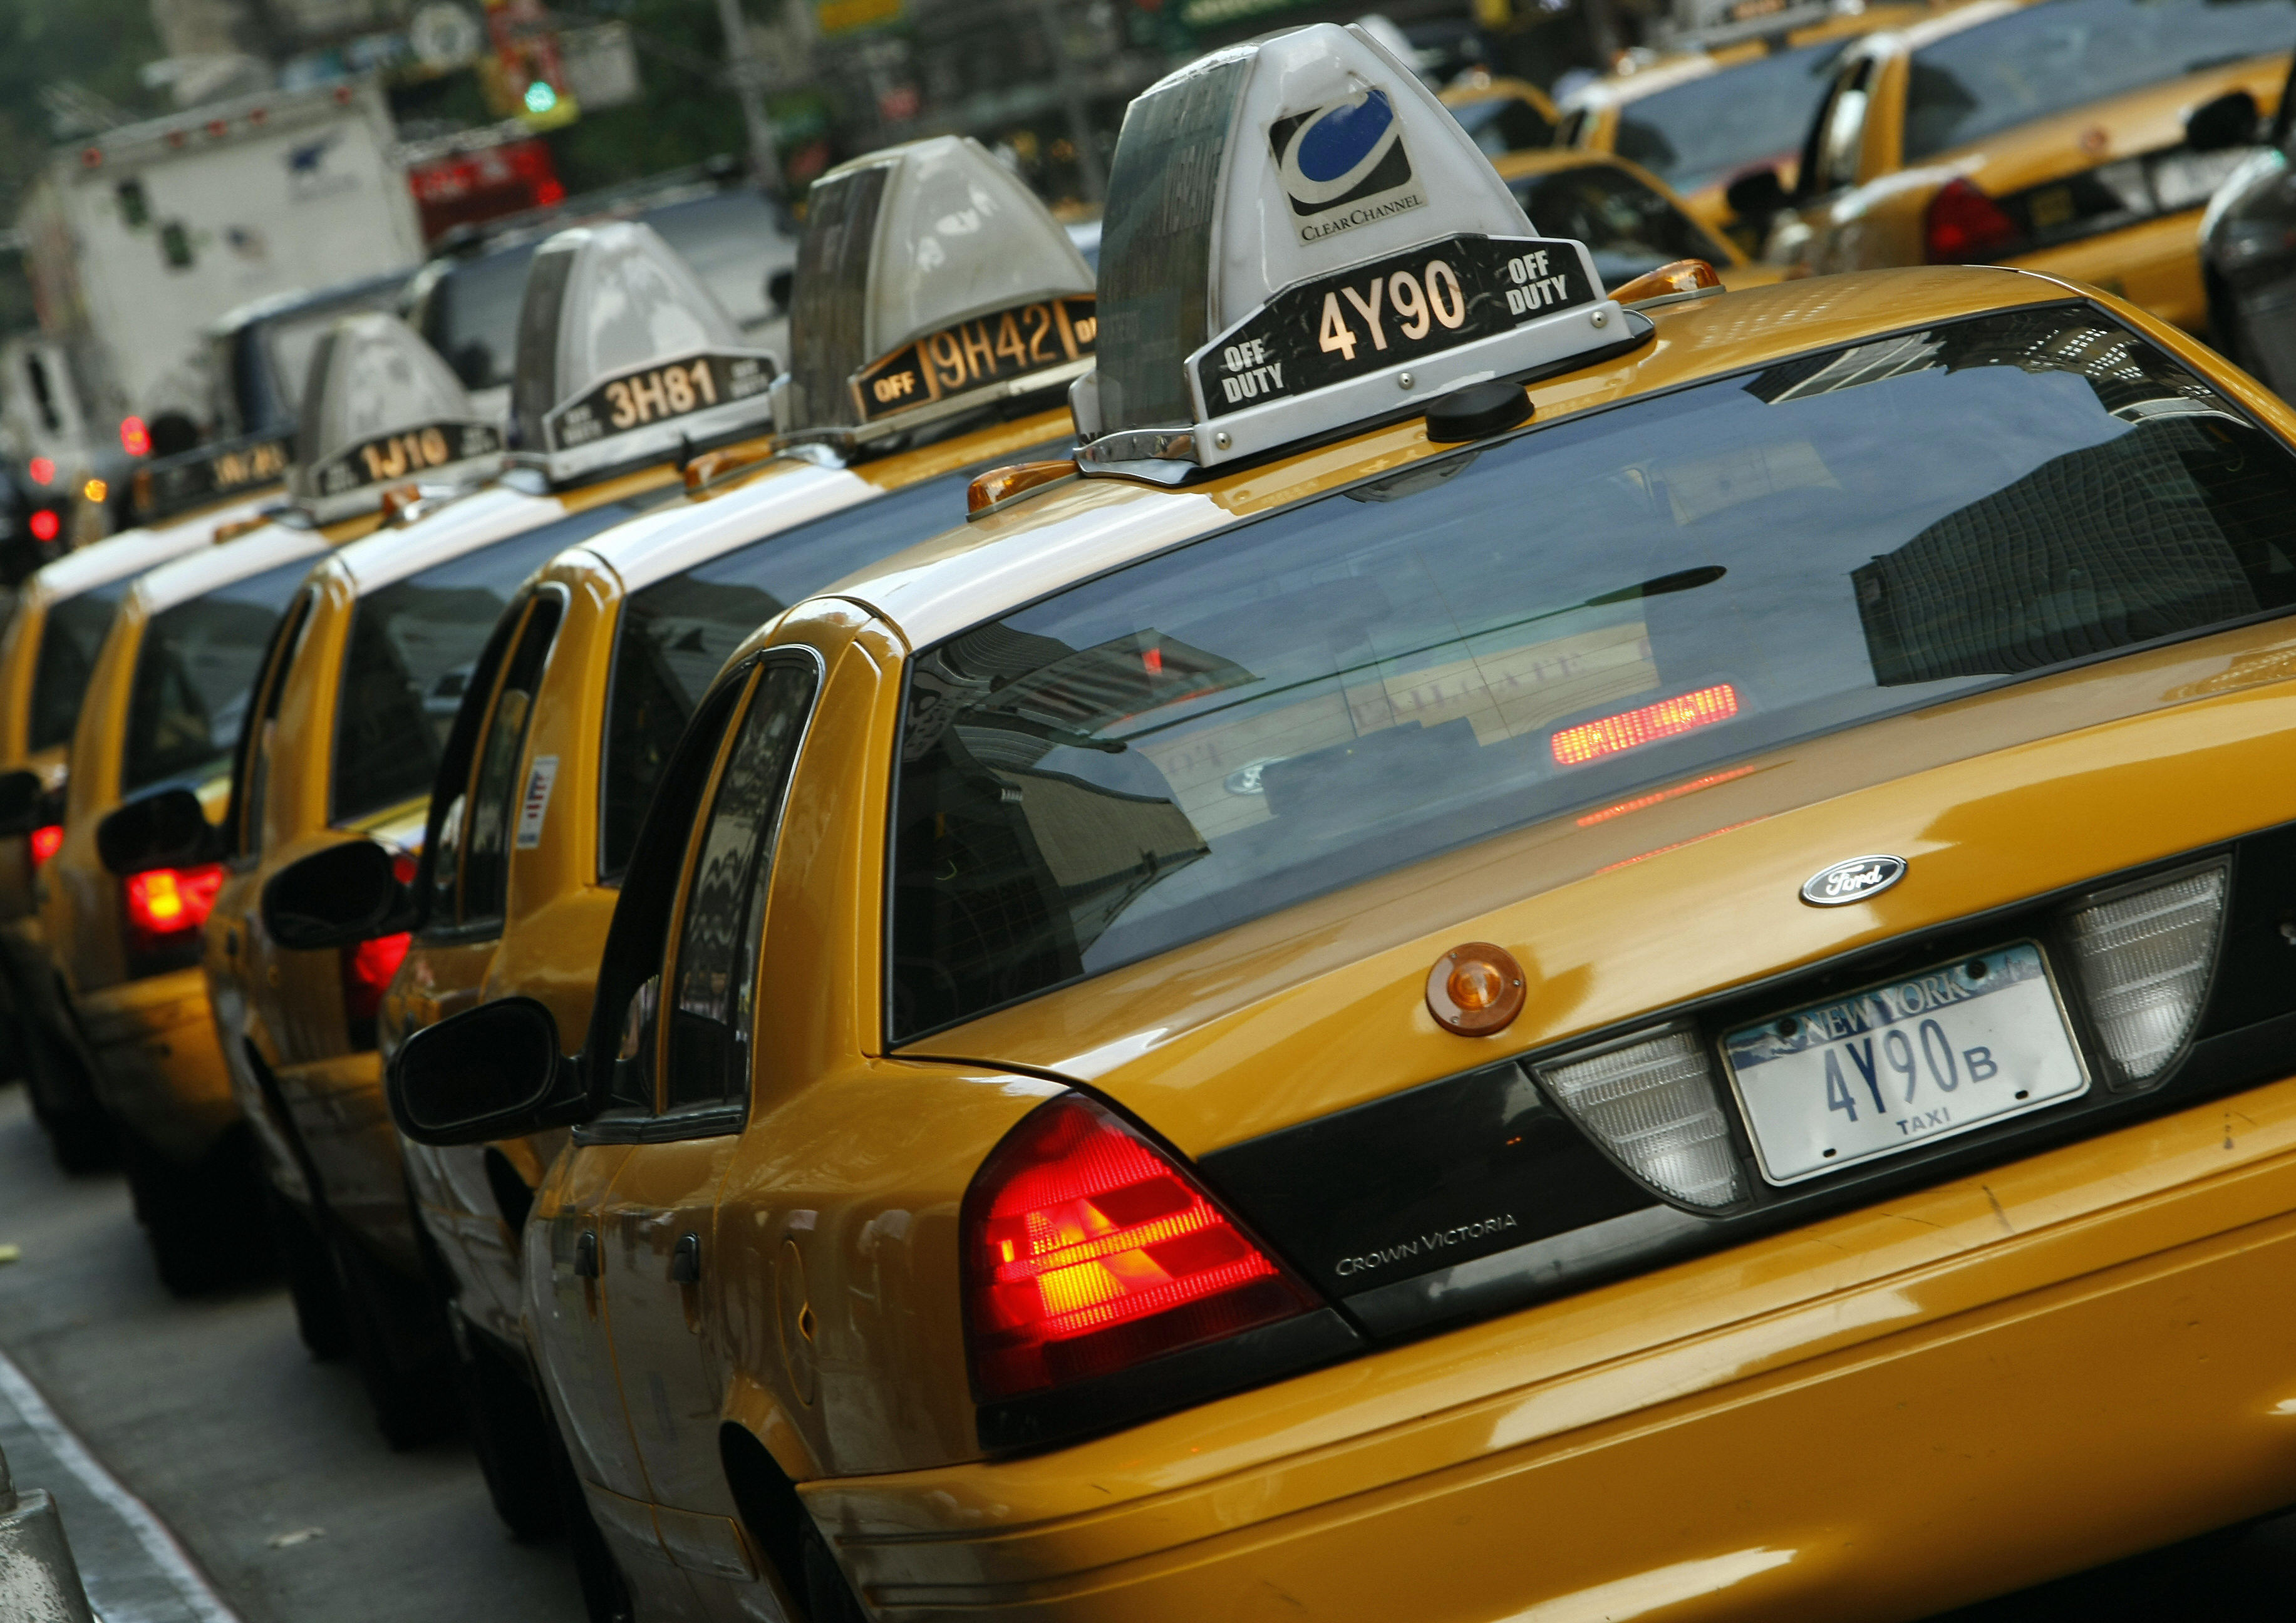 Такси. Способы привлечения клиентов